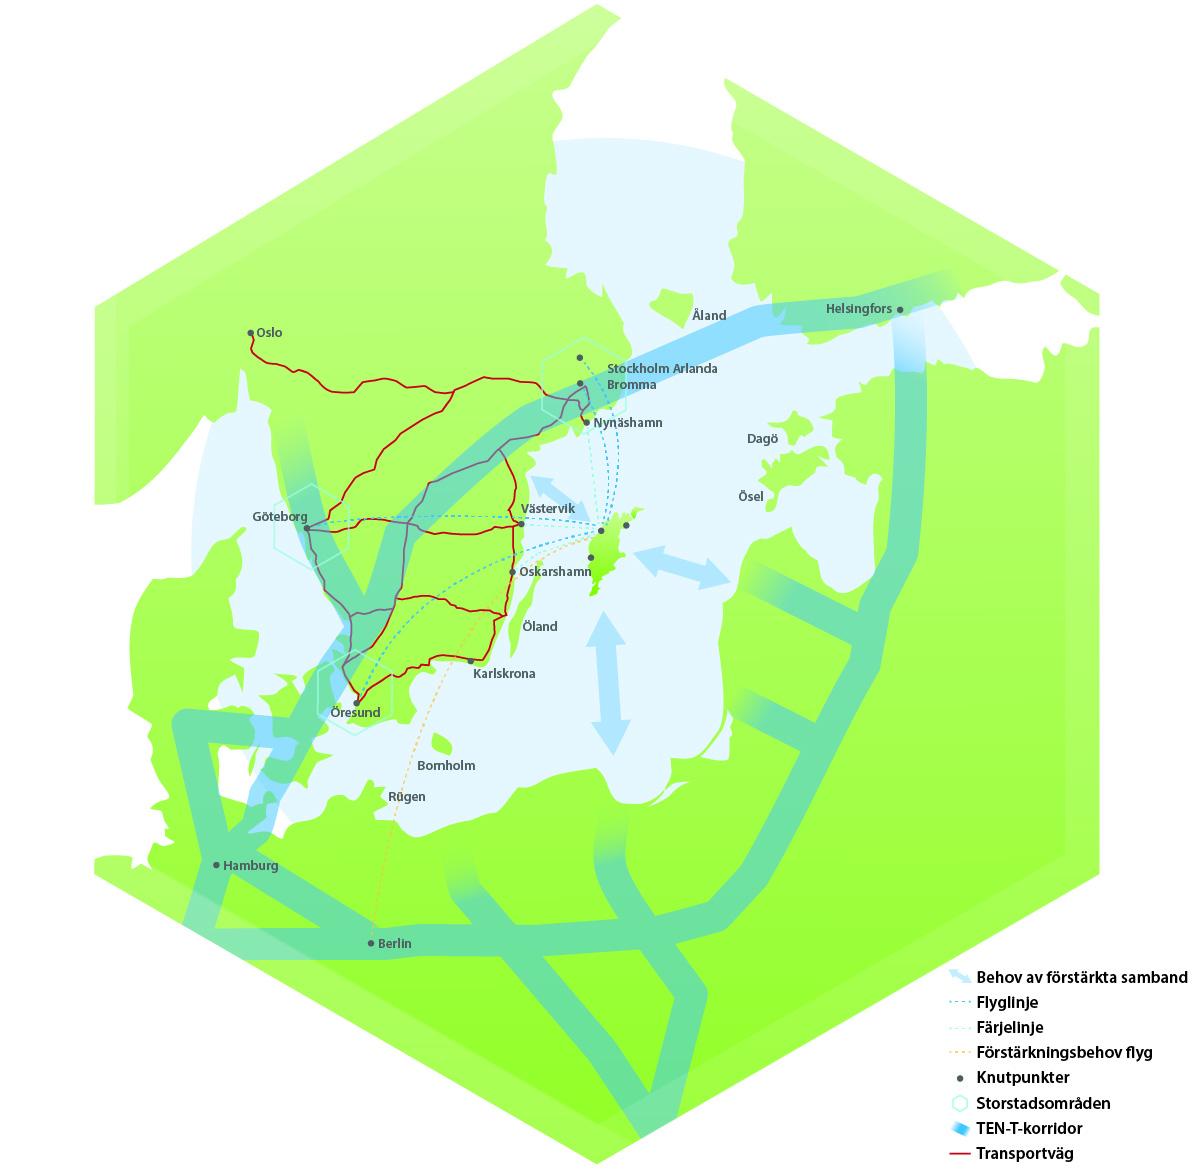 Karta över norra Europa med Gotland i centrum och viktiga kommunikationsvägar markerade